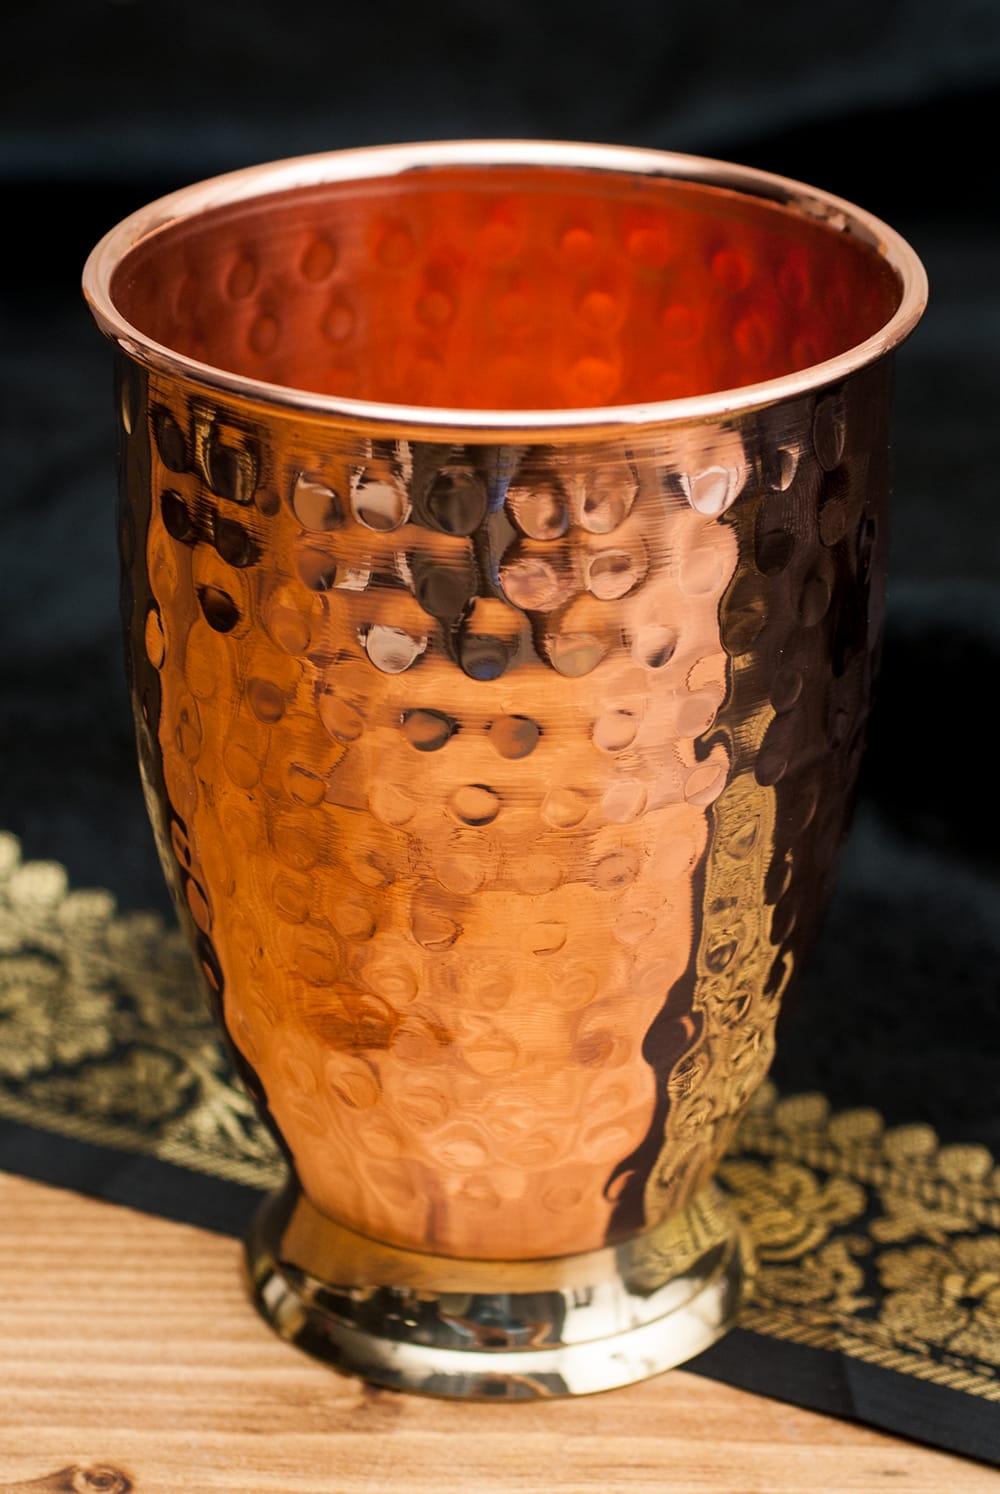 インドの鎚目付き銅装飾コップ【高さ:11.5cm×直径:8.5cm】の写真